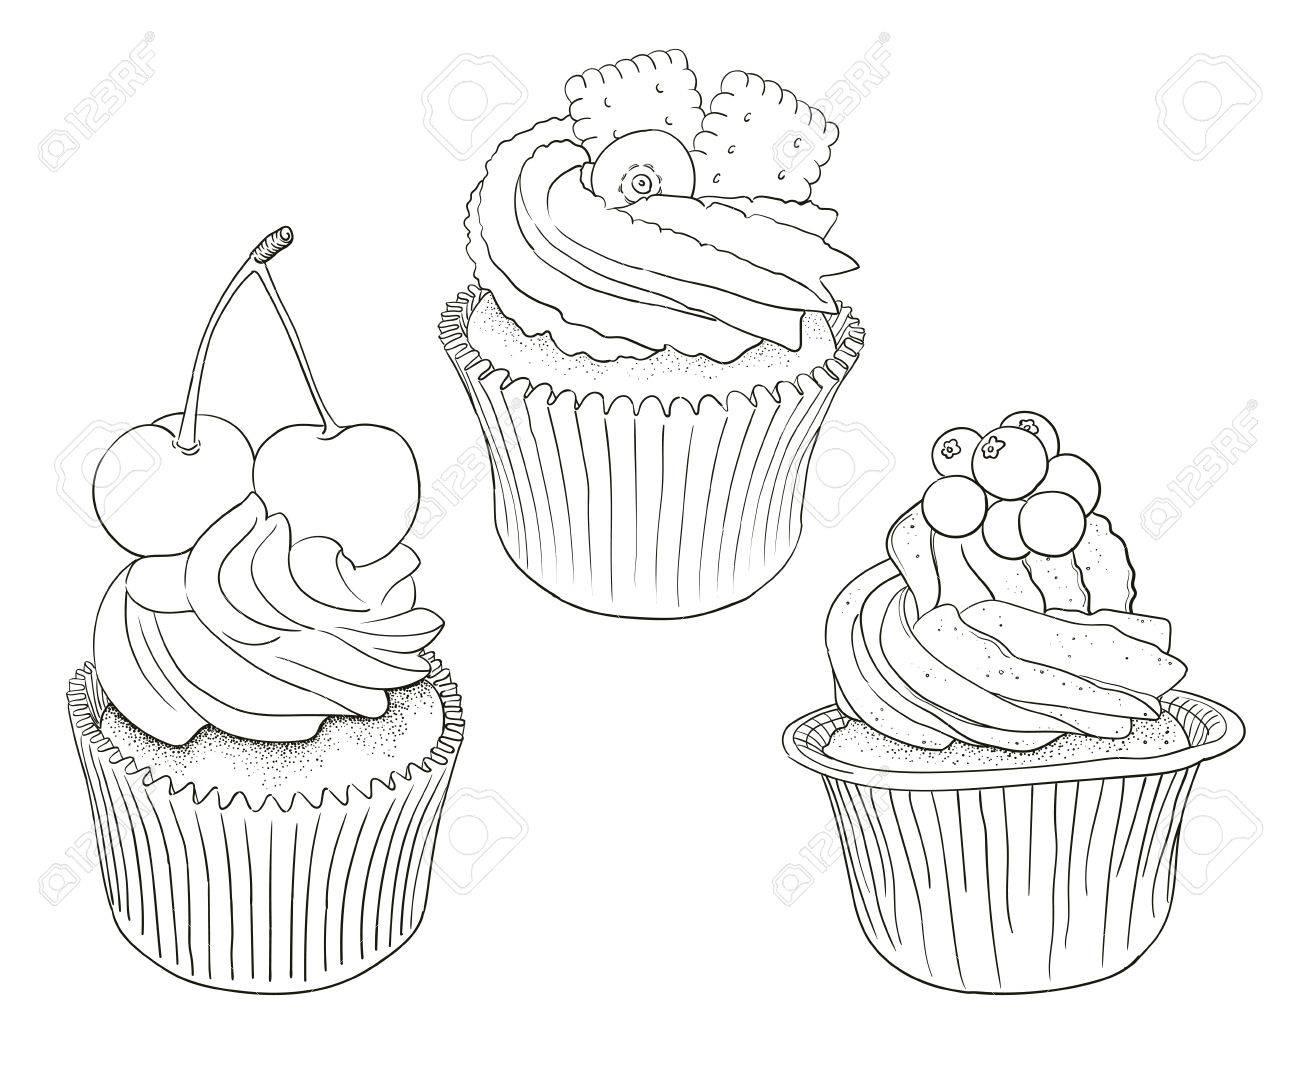 Hand Gezeichnet Vektor Schwarz Und Weiß Umriss Cupcakes, Gut Zum ...